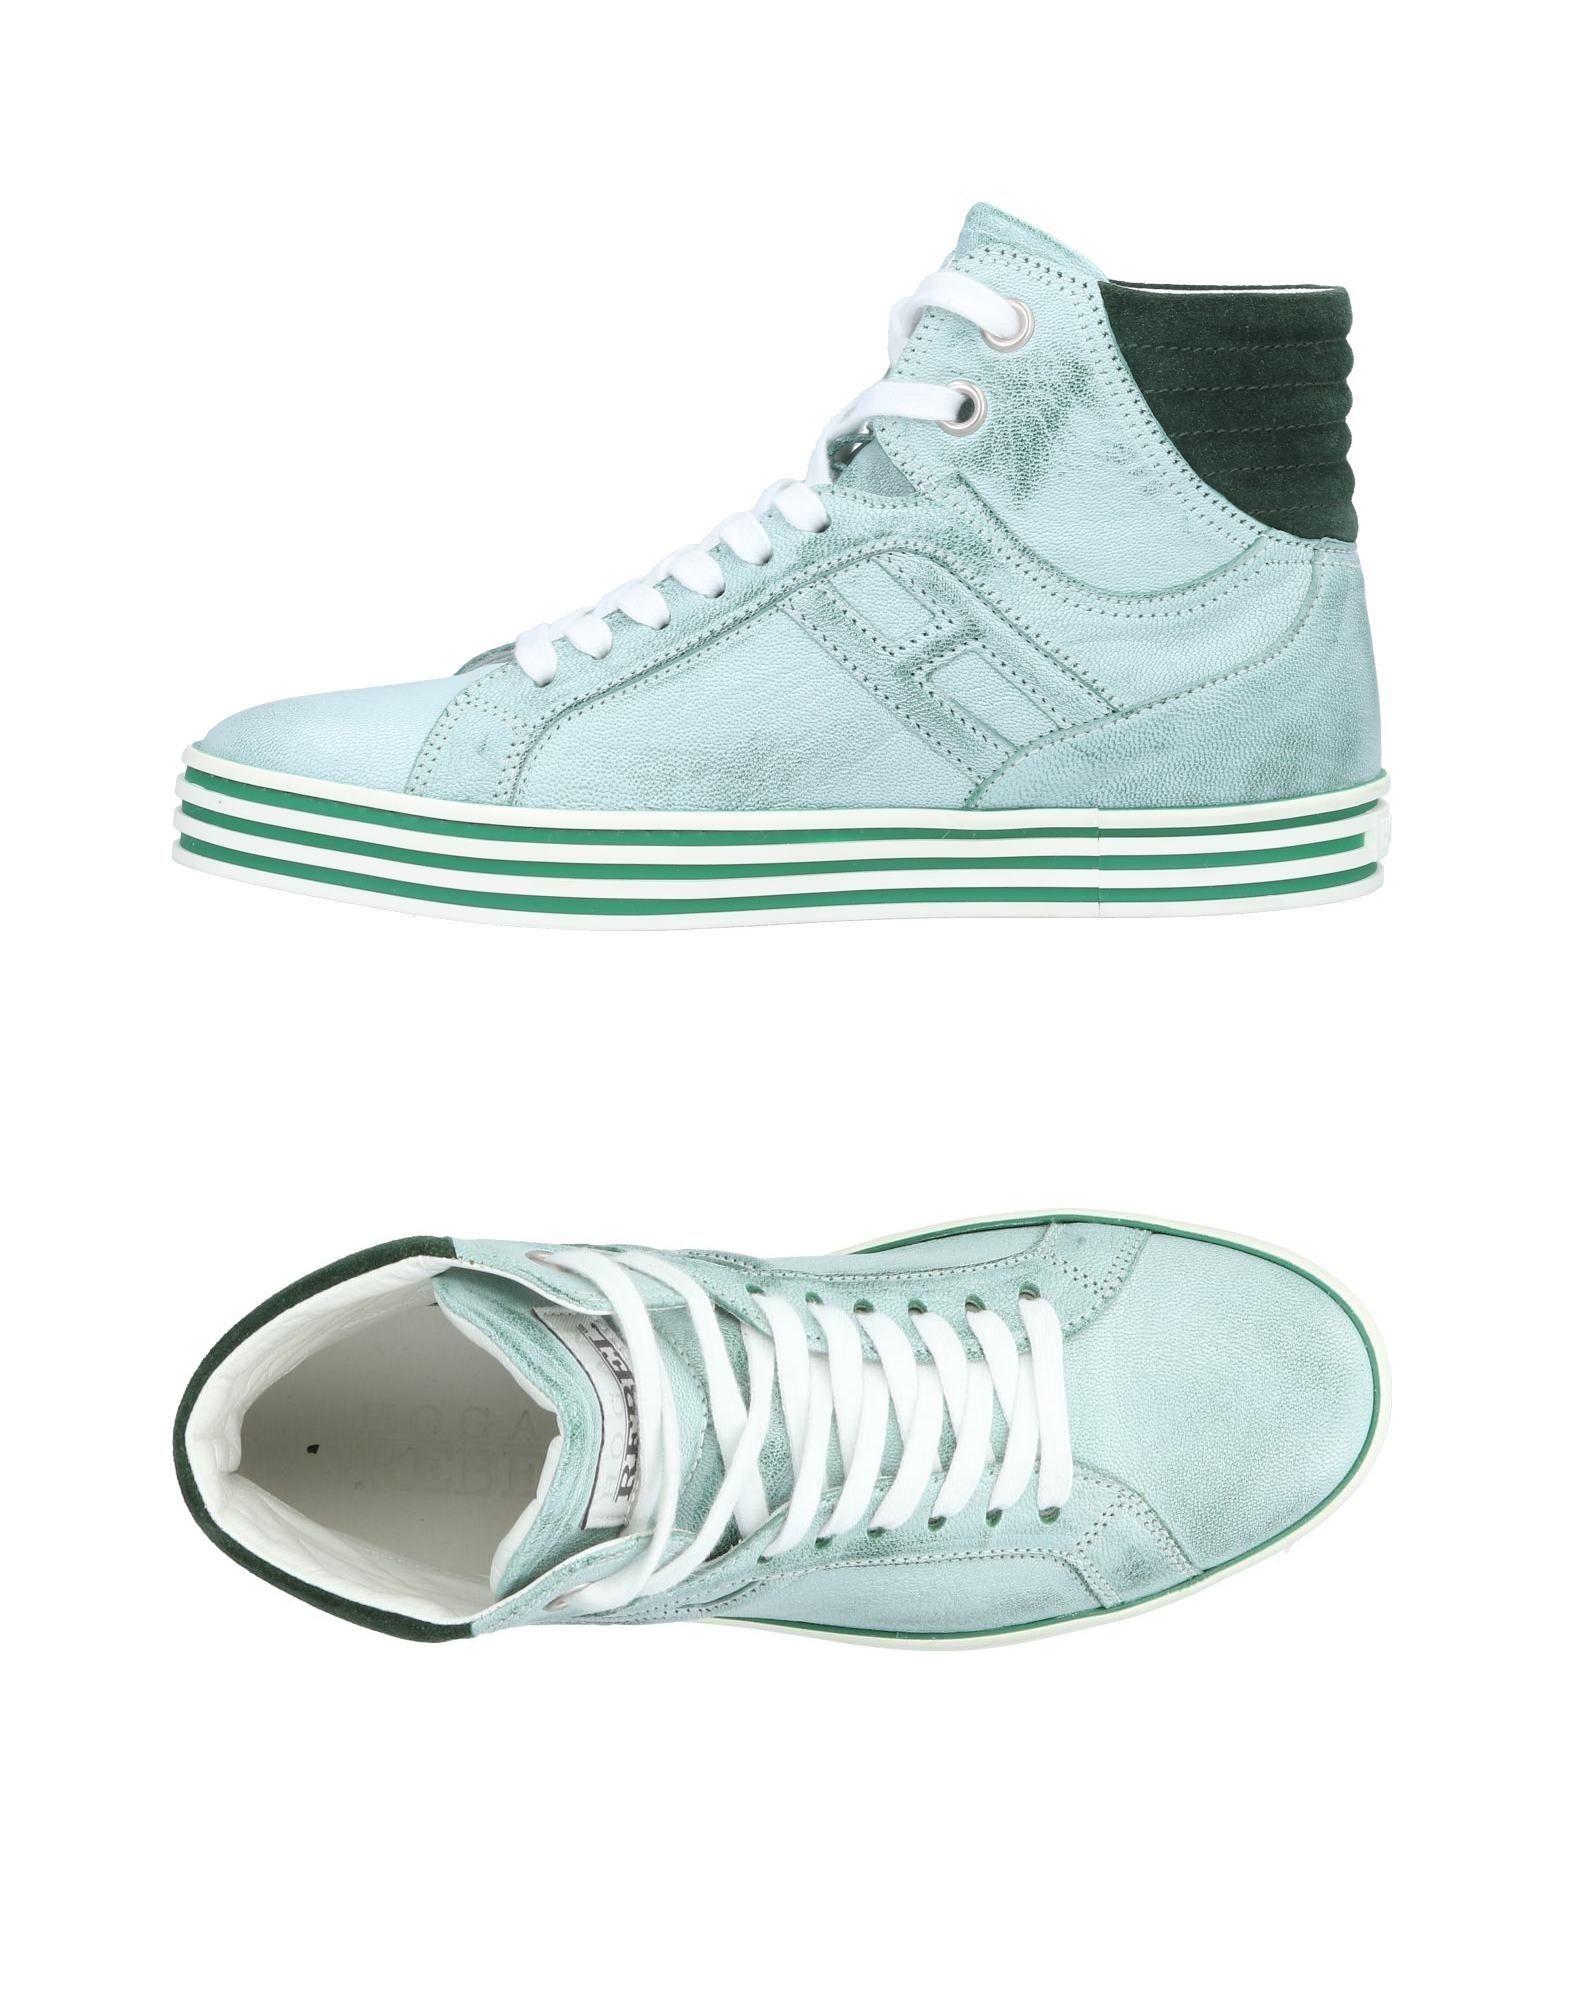 Hogan Rebel Sneakers Herren  11176233QV Gute Qualität beliebte Schuhe